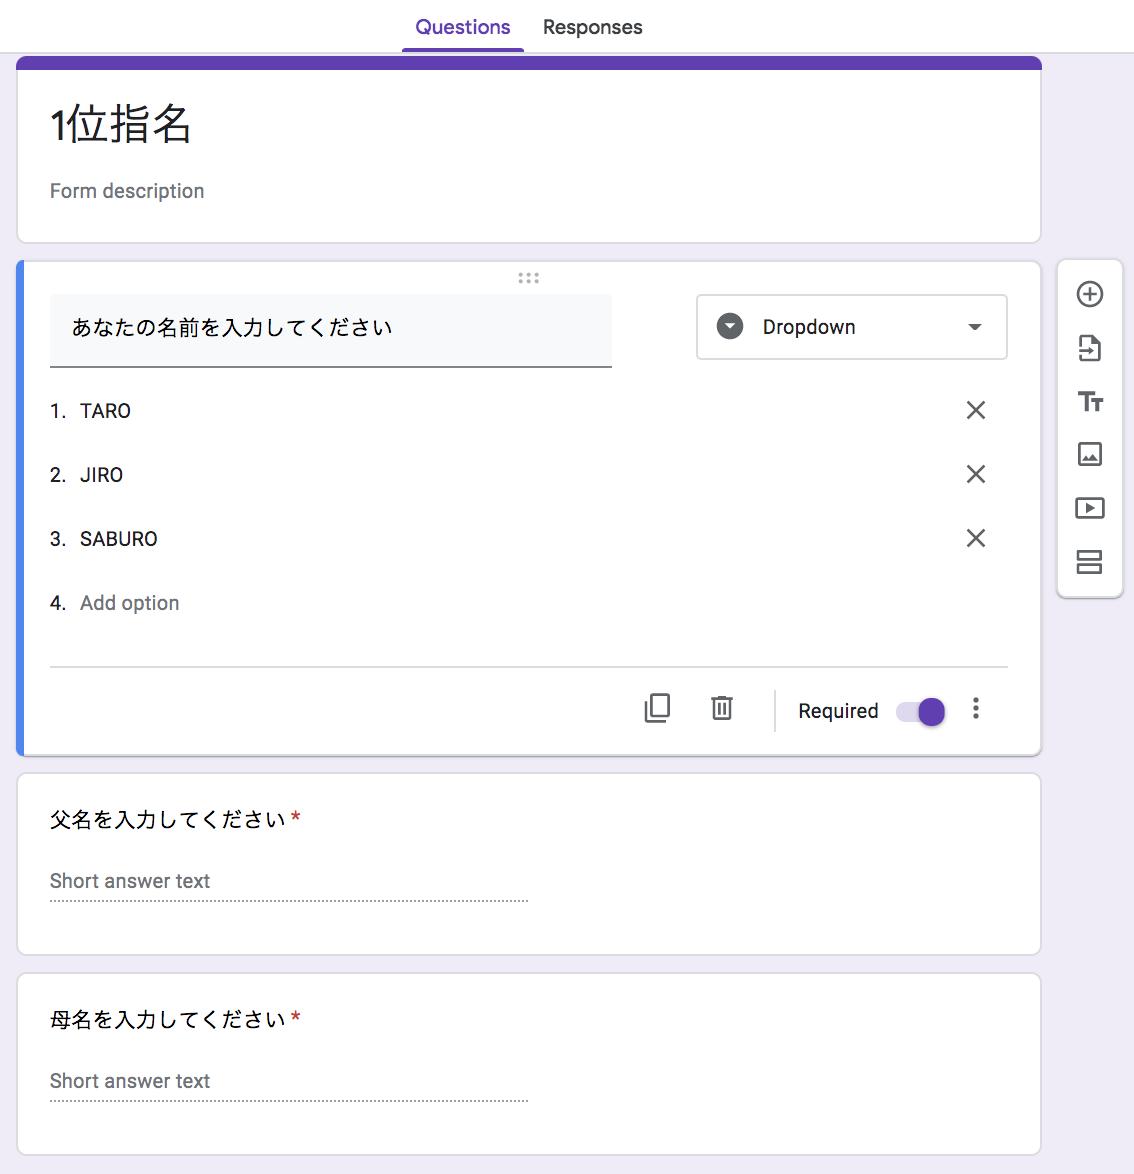 f:id:sanshonoki:20200616052534p:plain